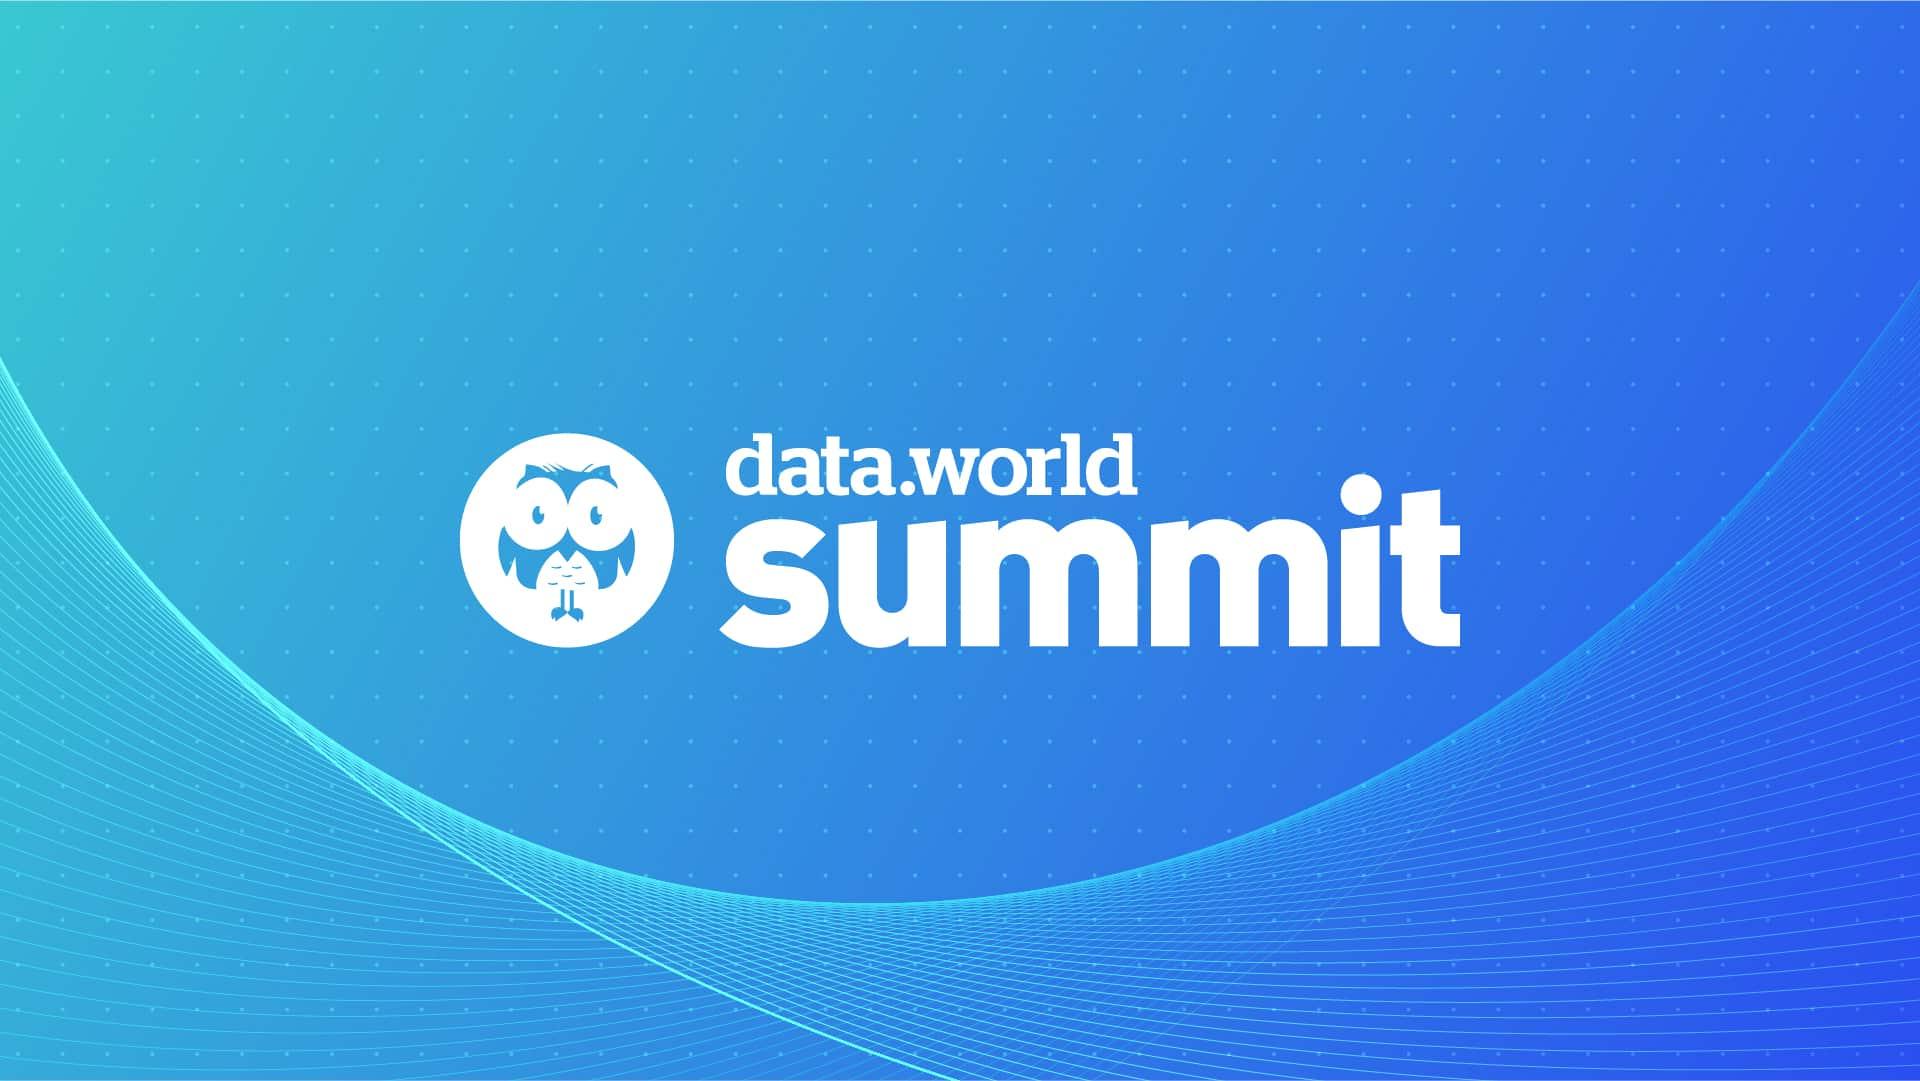 fitosophy-dataworld-summit-background3